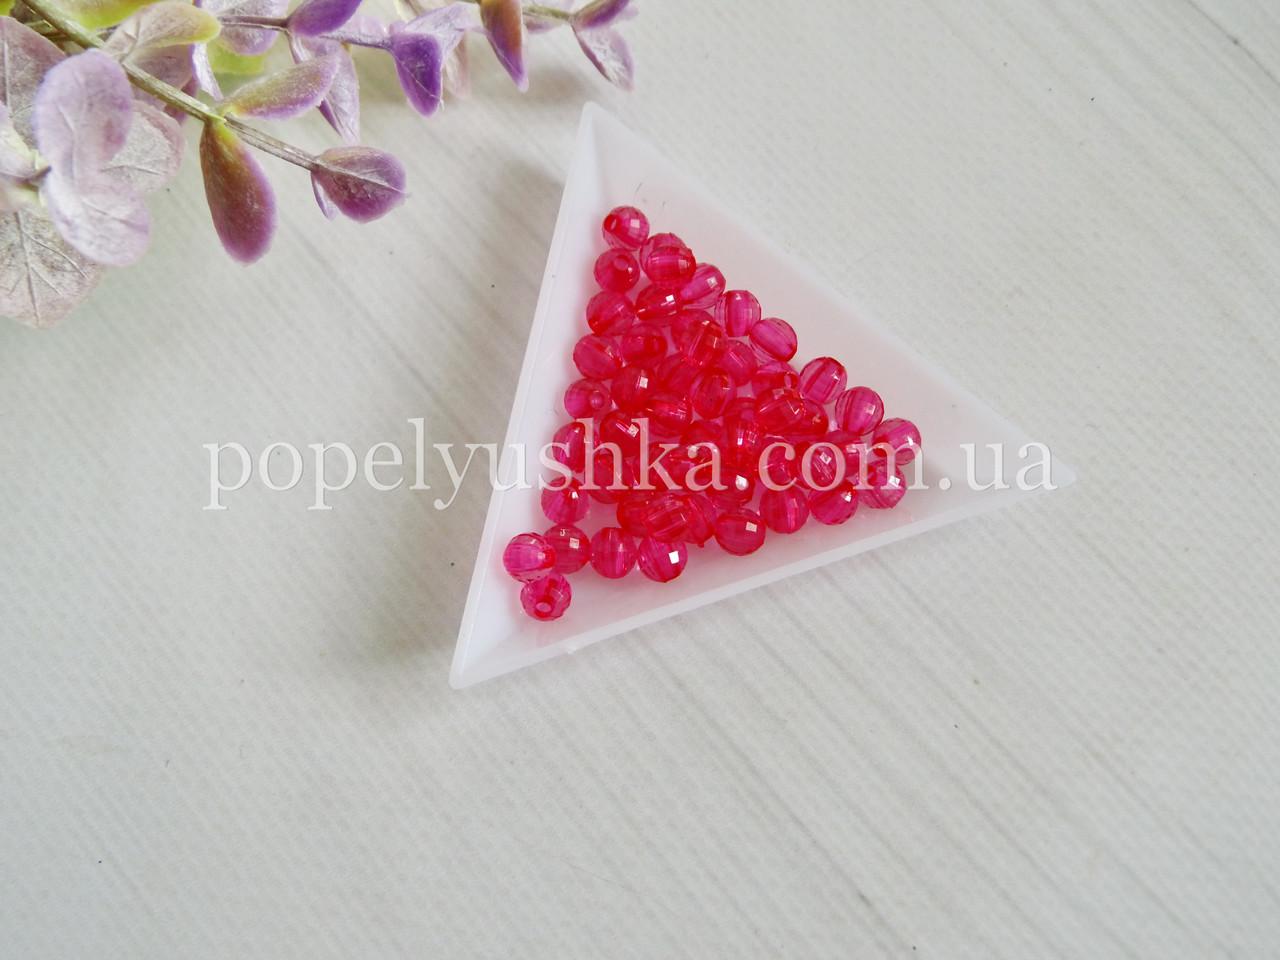 Намистини круглі грановані акрил рожеві 6 мм (50 шт.)